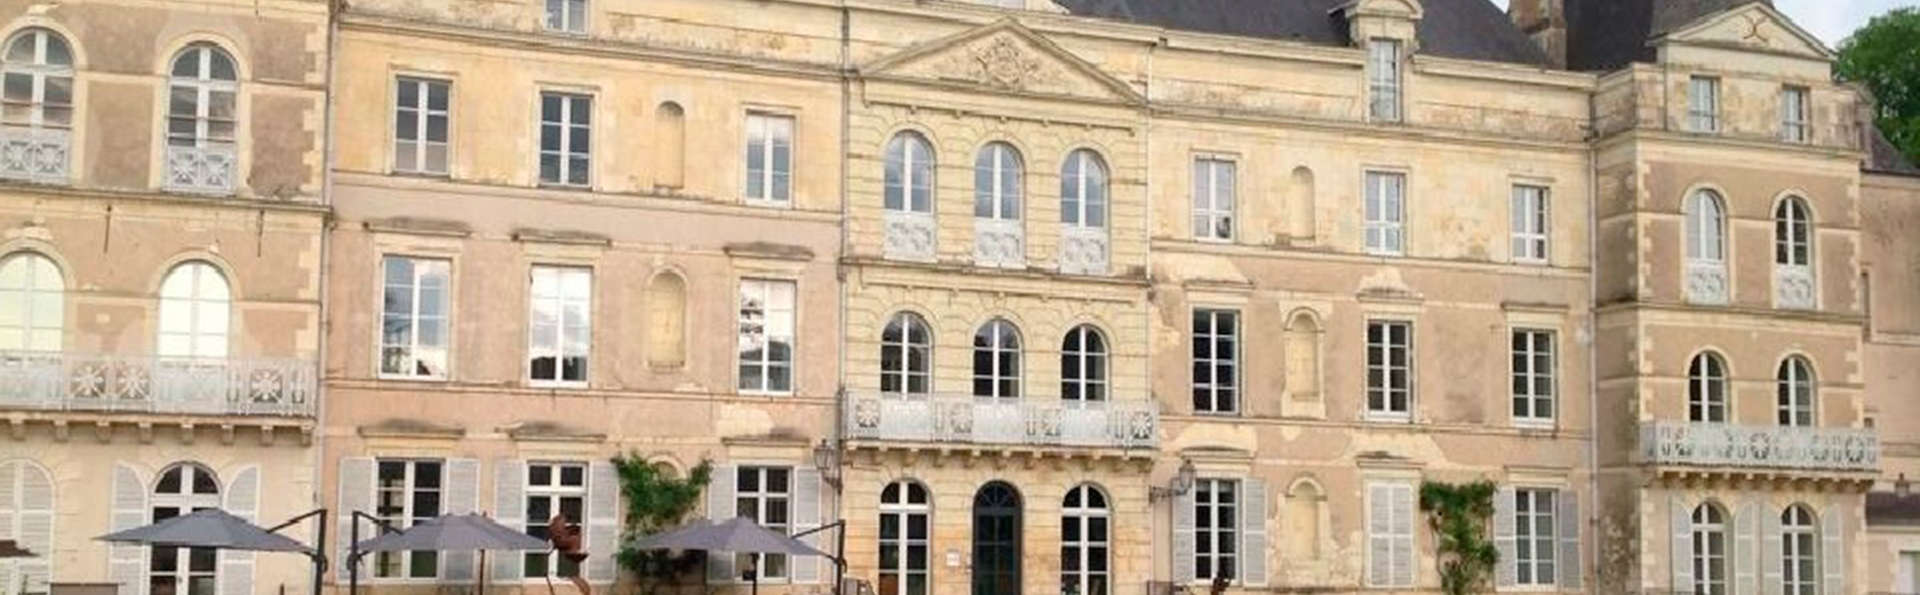 Château de Briançon - EDIT_front.jpg